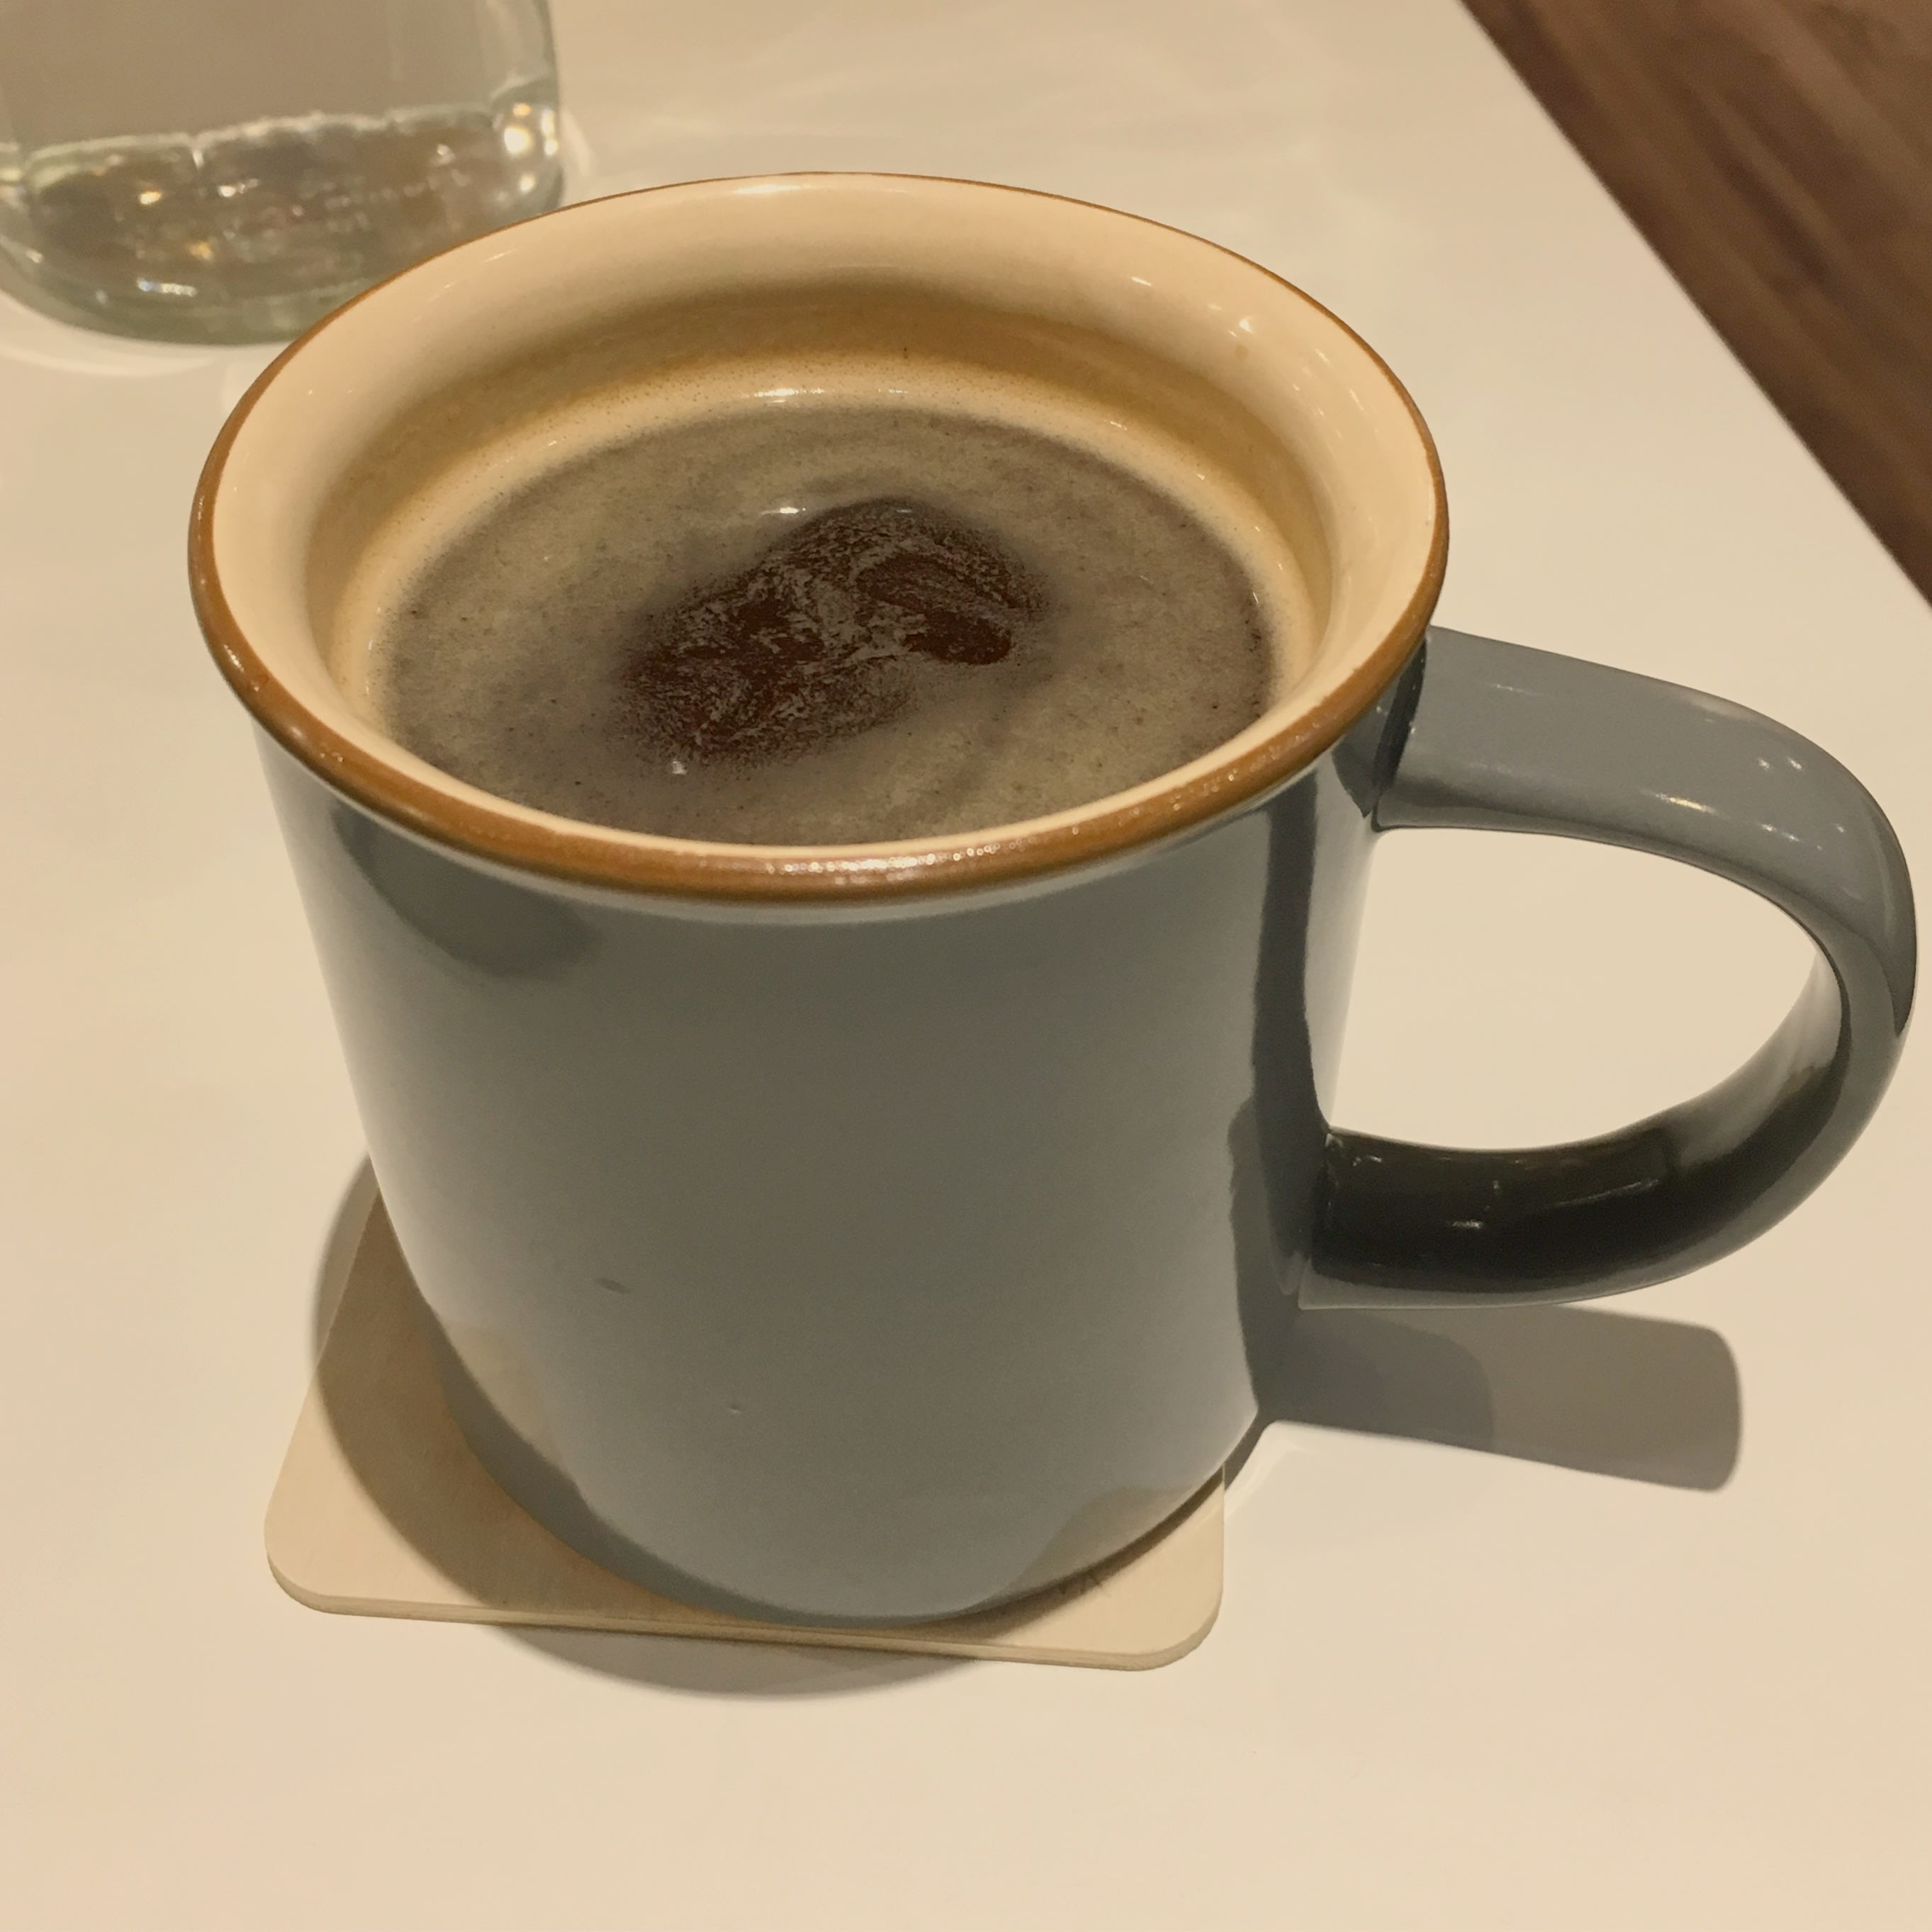 美 式 咖 啡 。